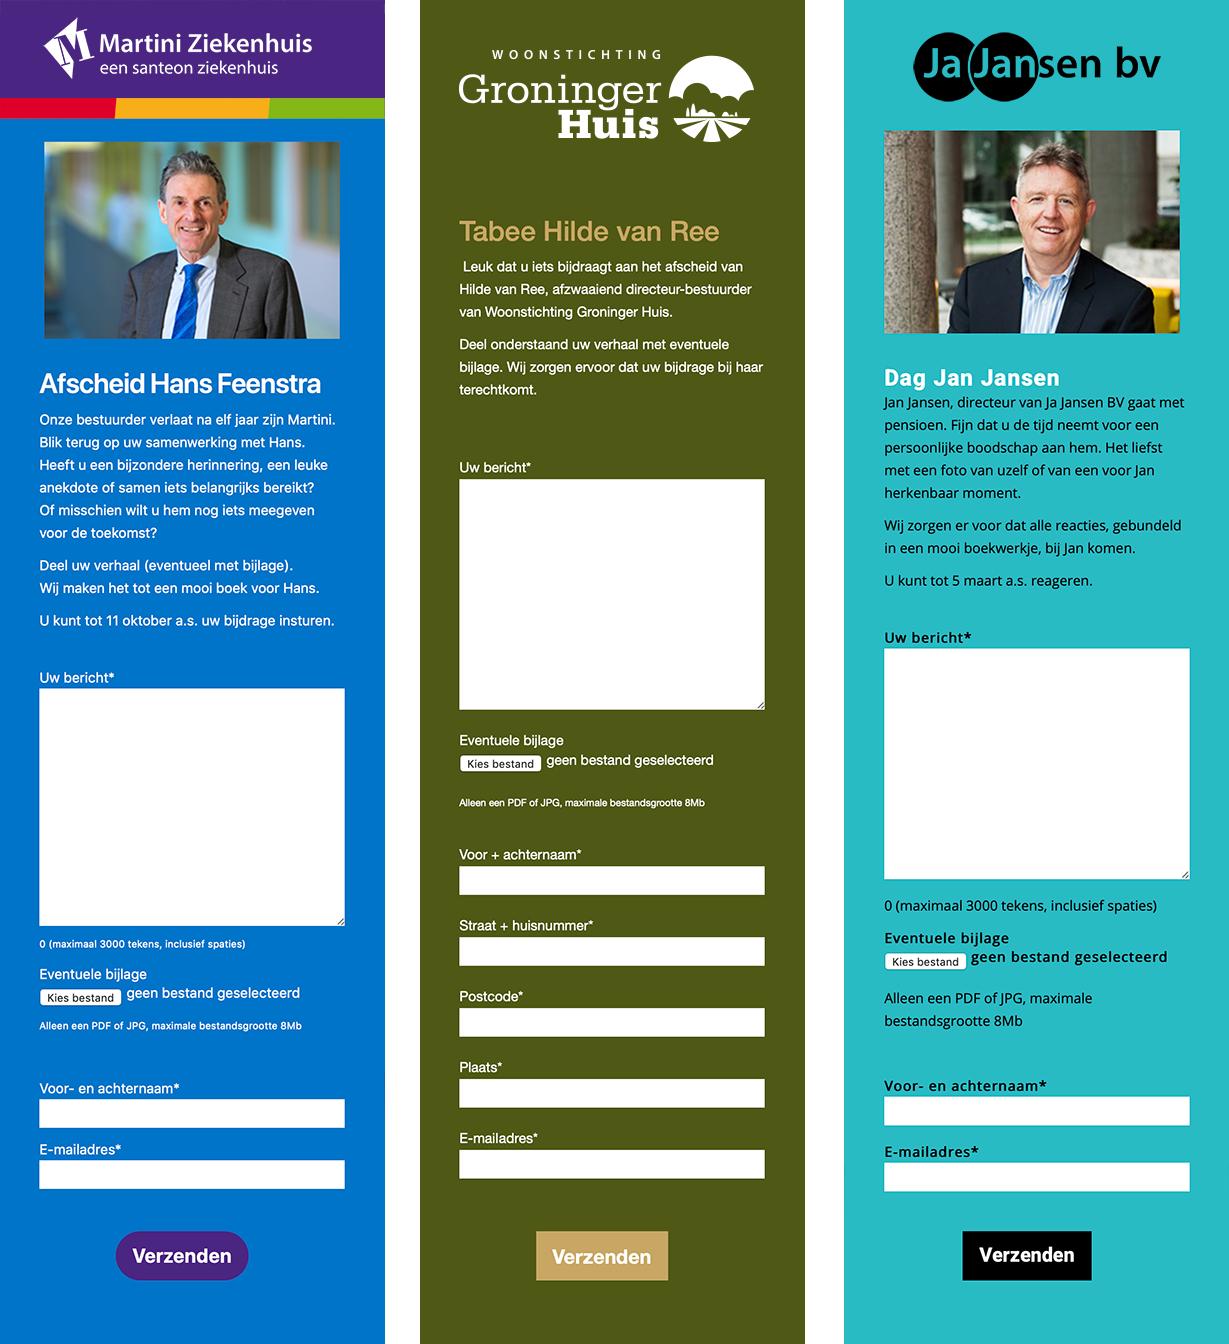 voorbeelden onlineafscheidsreceptie.nl